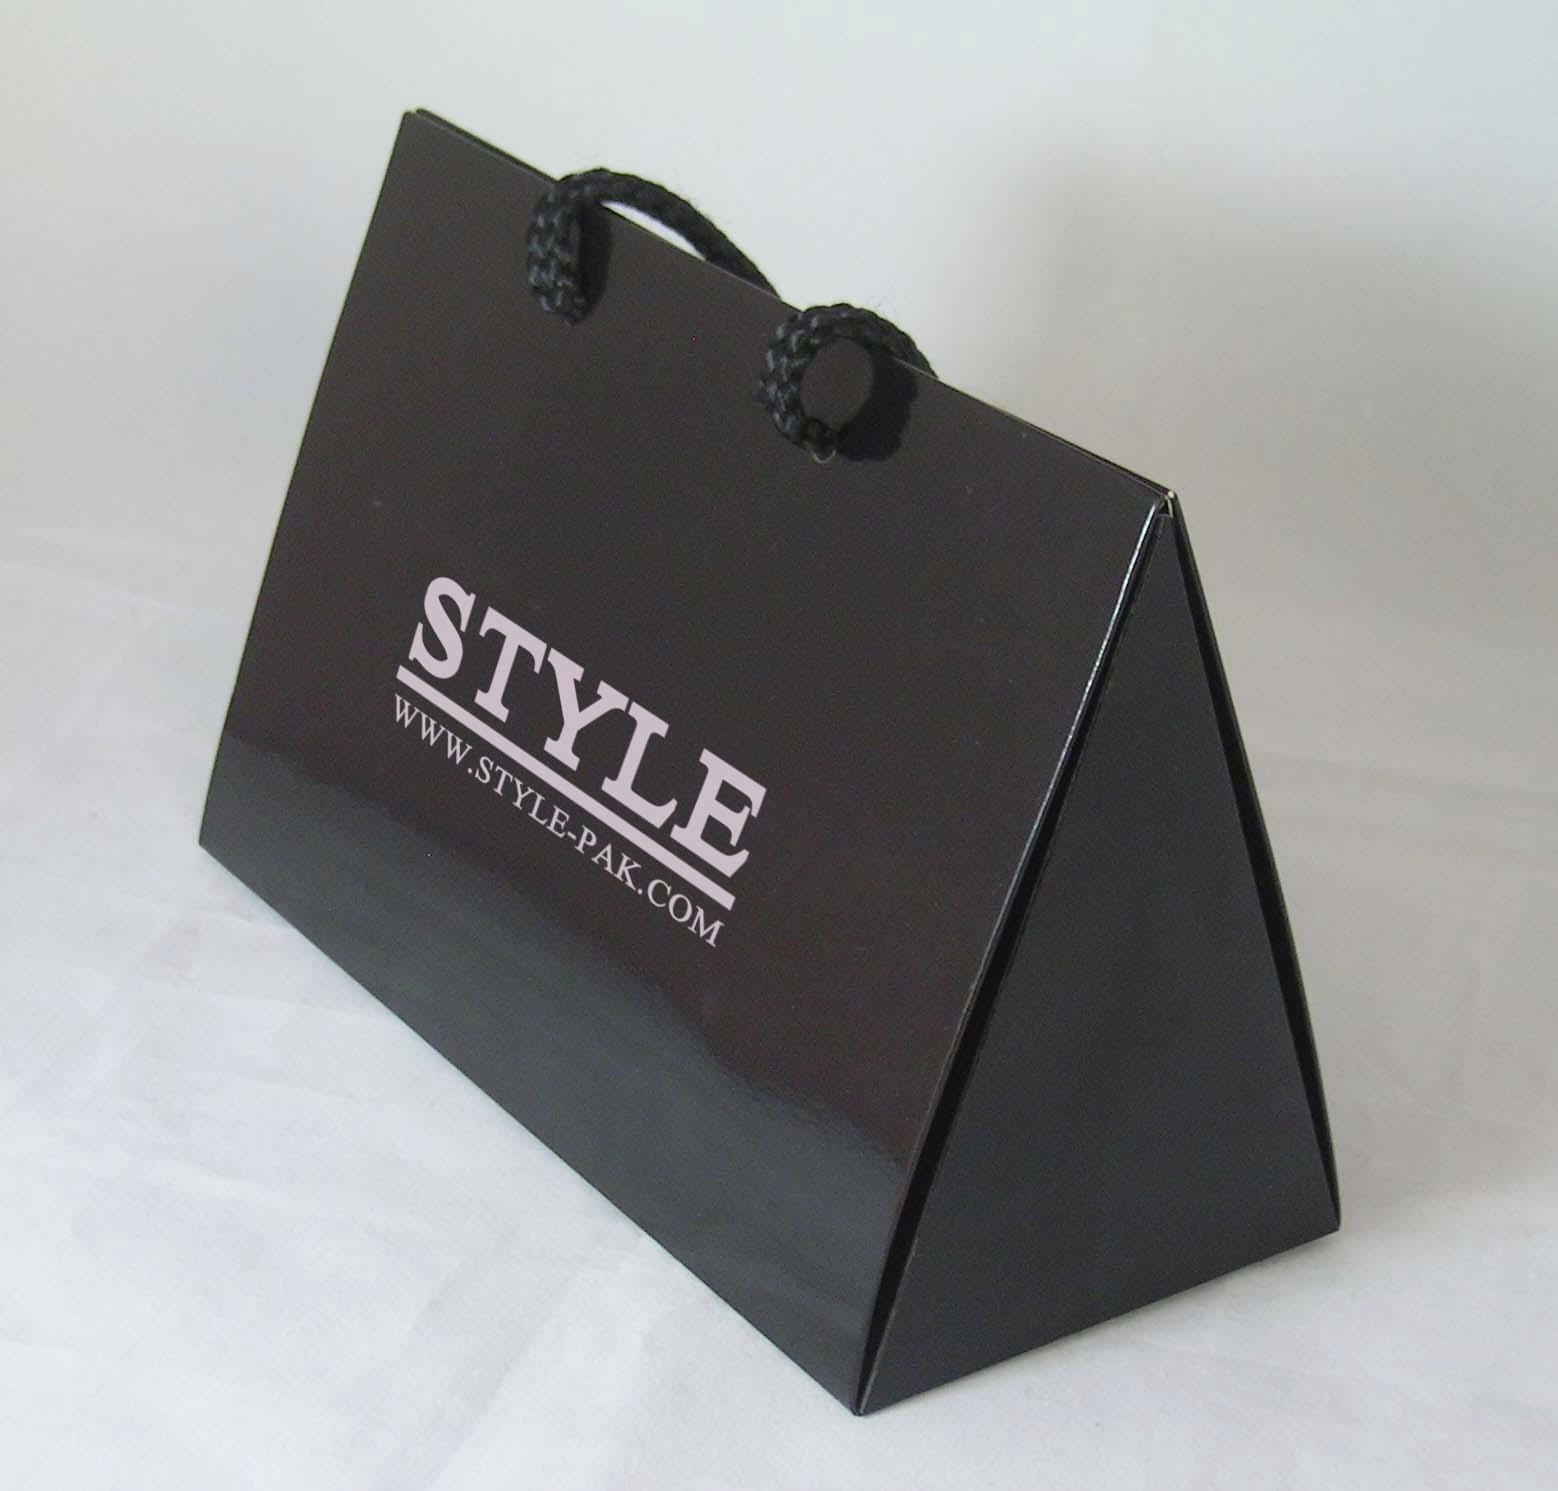 báo giá túi giấy, bán túi giấy giá rẻ tphcm, in túi giấy giá rẻ tại tphcm, túi giấy giá sỉ,  mua túi giấy ở đâu, túi giấy handmade, bán túi giấy có sẵn